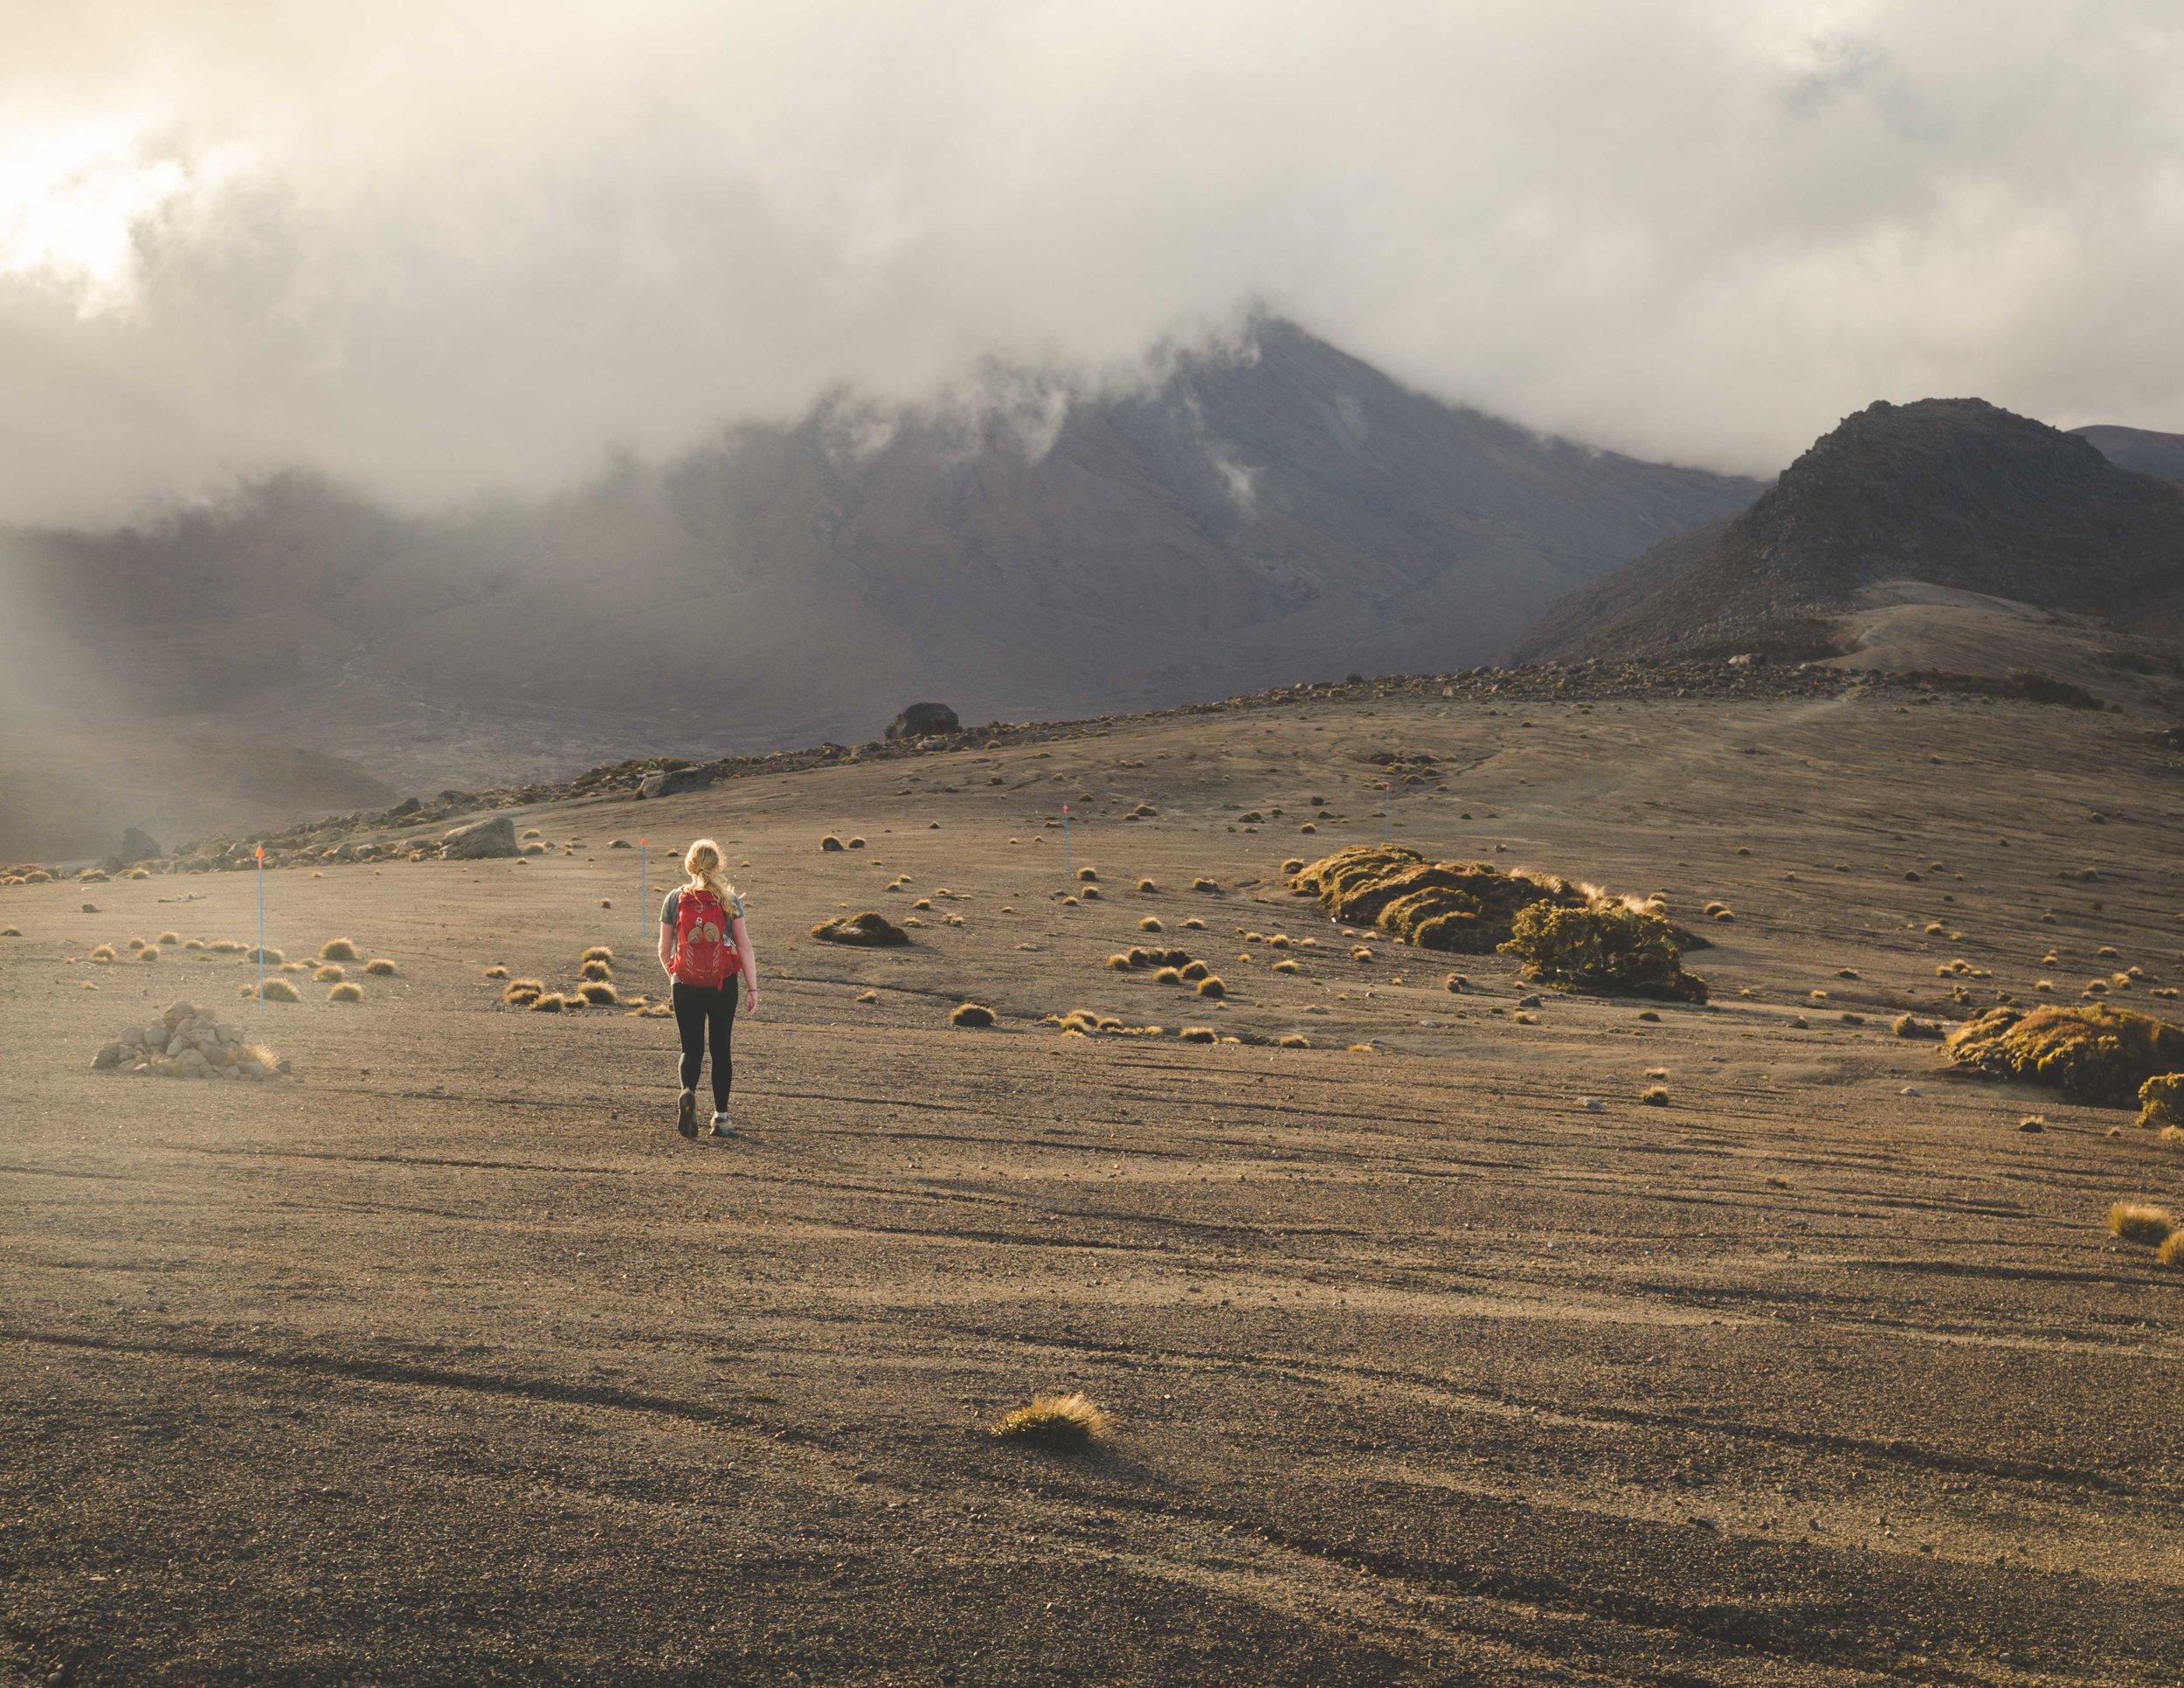 Golden hour at Tongariro. Mount Ngauruhoe was hidden under a cloud